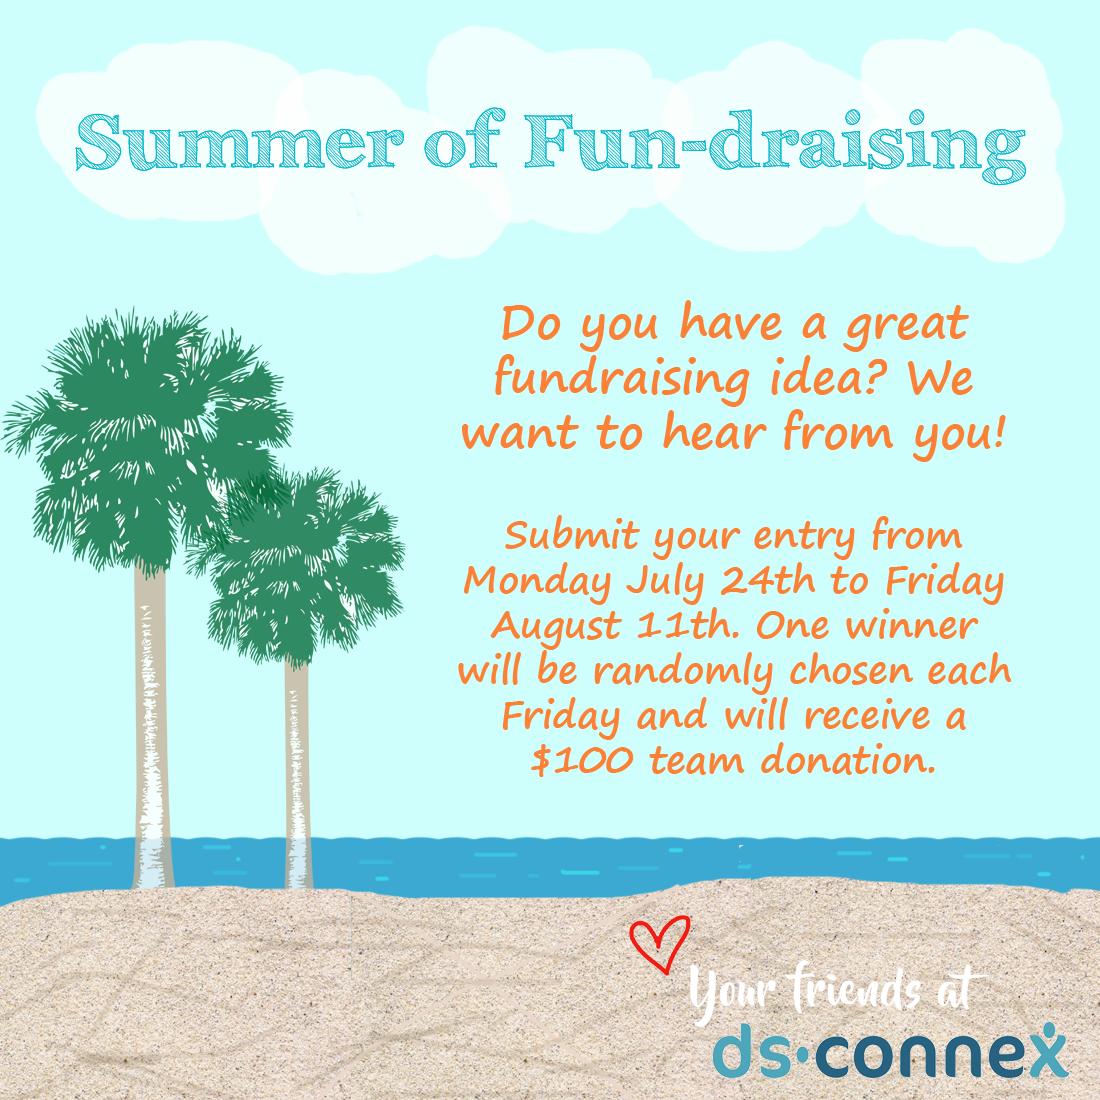 2017 Summer of Fundraising